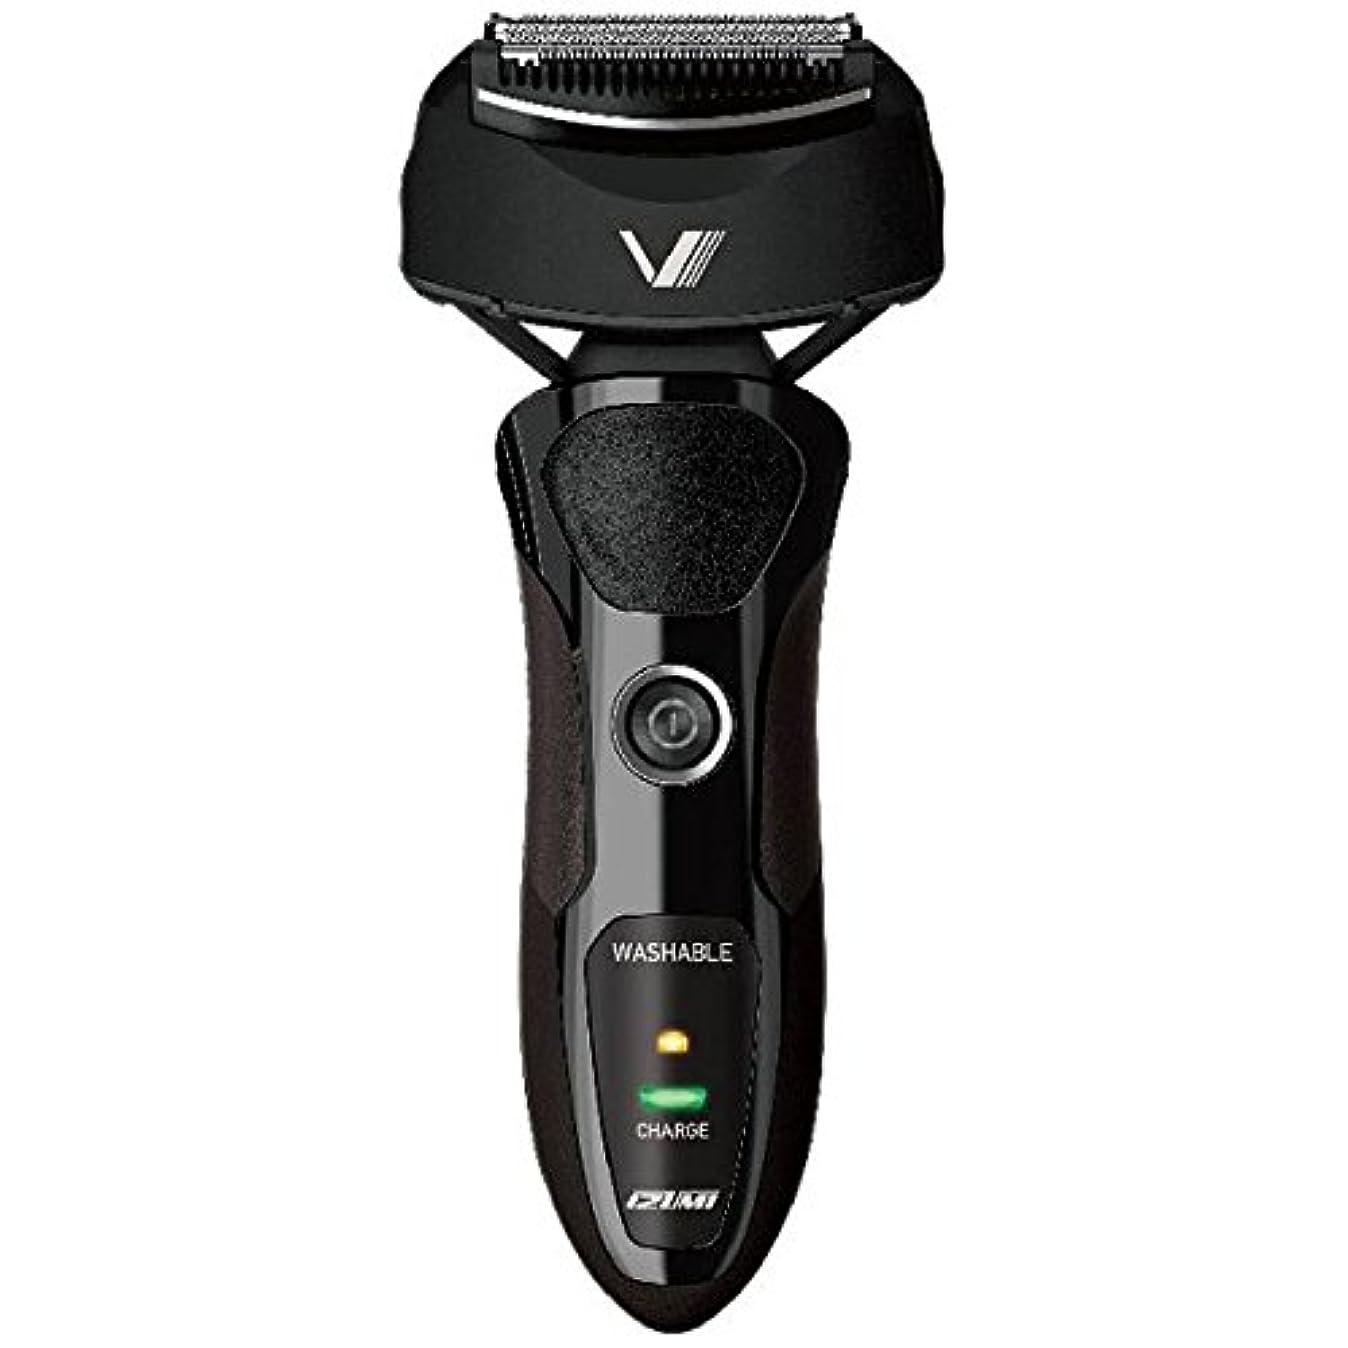 クラシックレーザ肥料IZUMI VIDAN 往復式シェーバー 深剃りシリーズ 3枚刃 ブラック IZF-V36-K